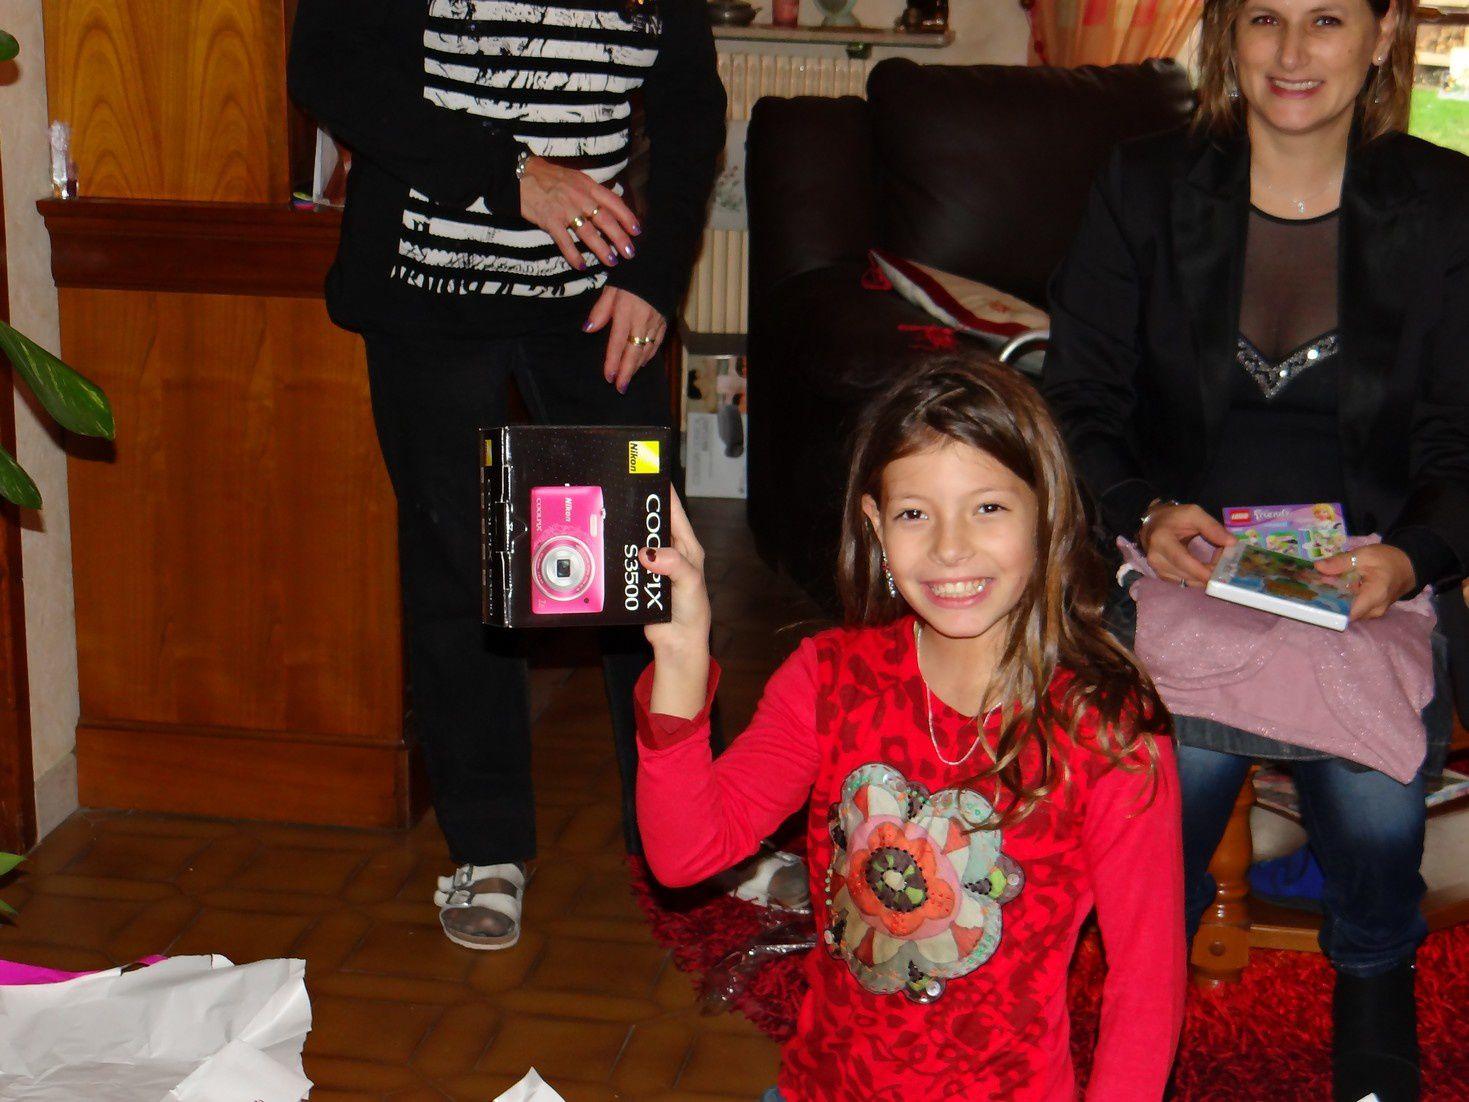 Réveillon de Noël et jour de Noël pour l'année 2013.